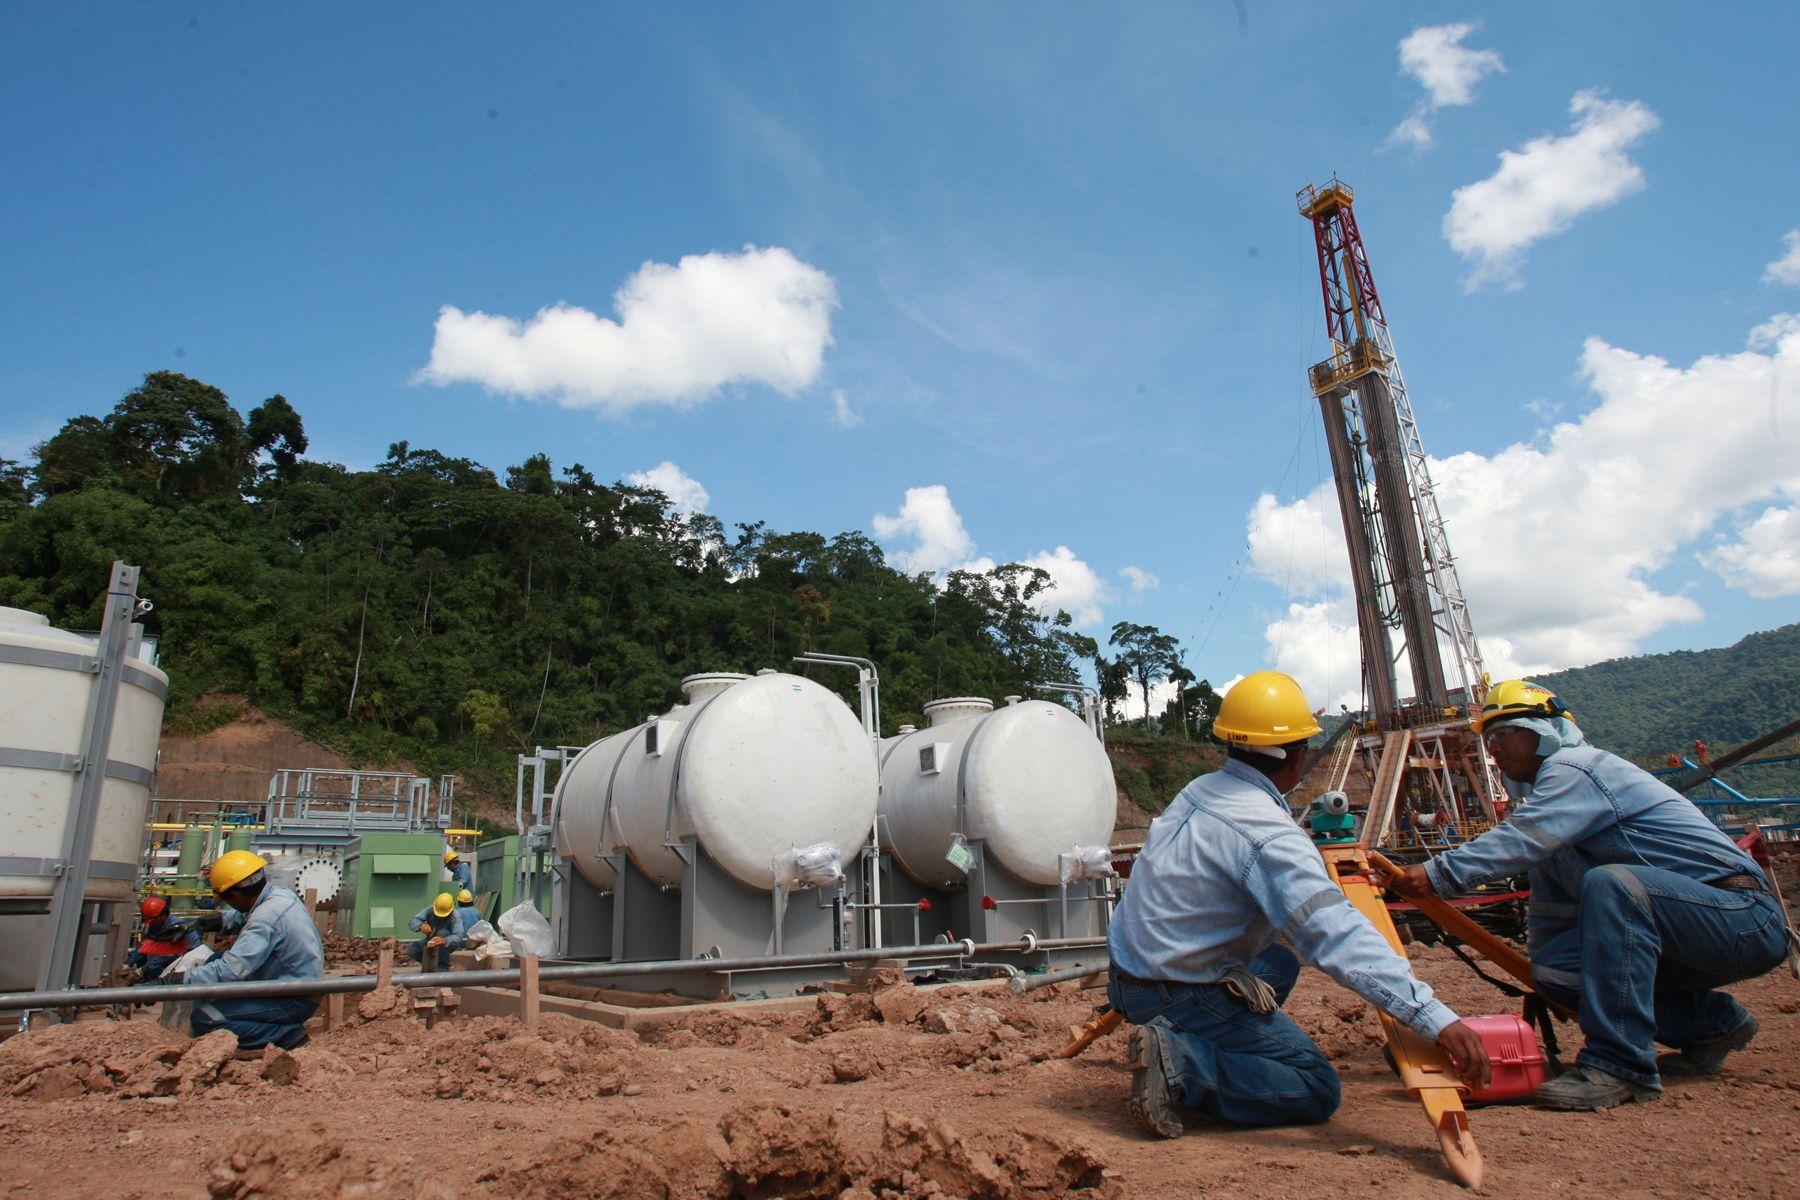 Perupetro: Bajarán regalías en nuevos contratos de explotación de ...